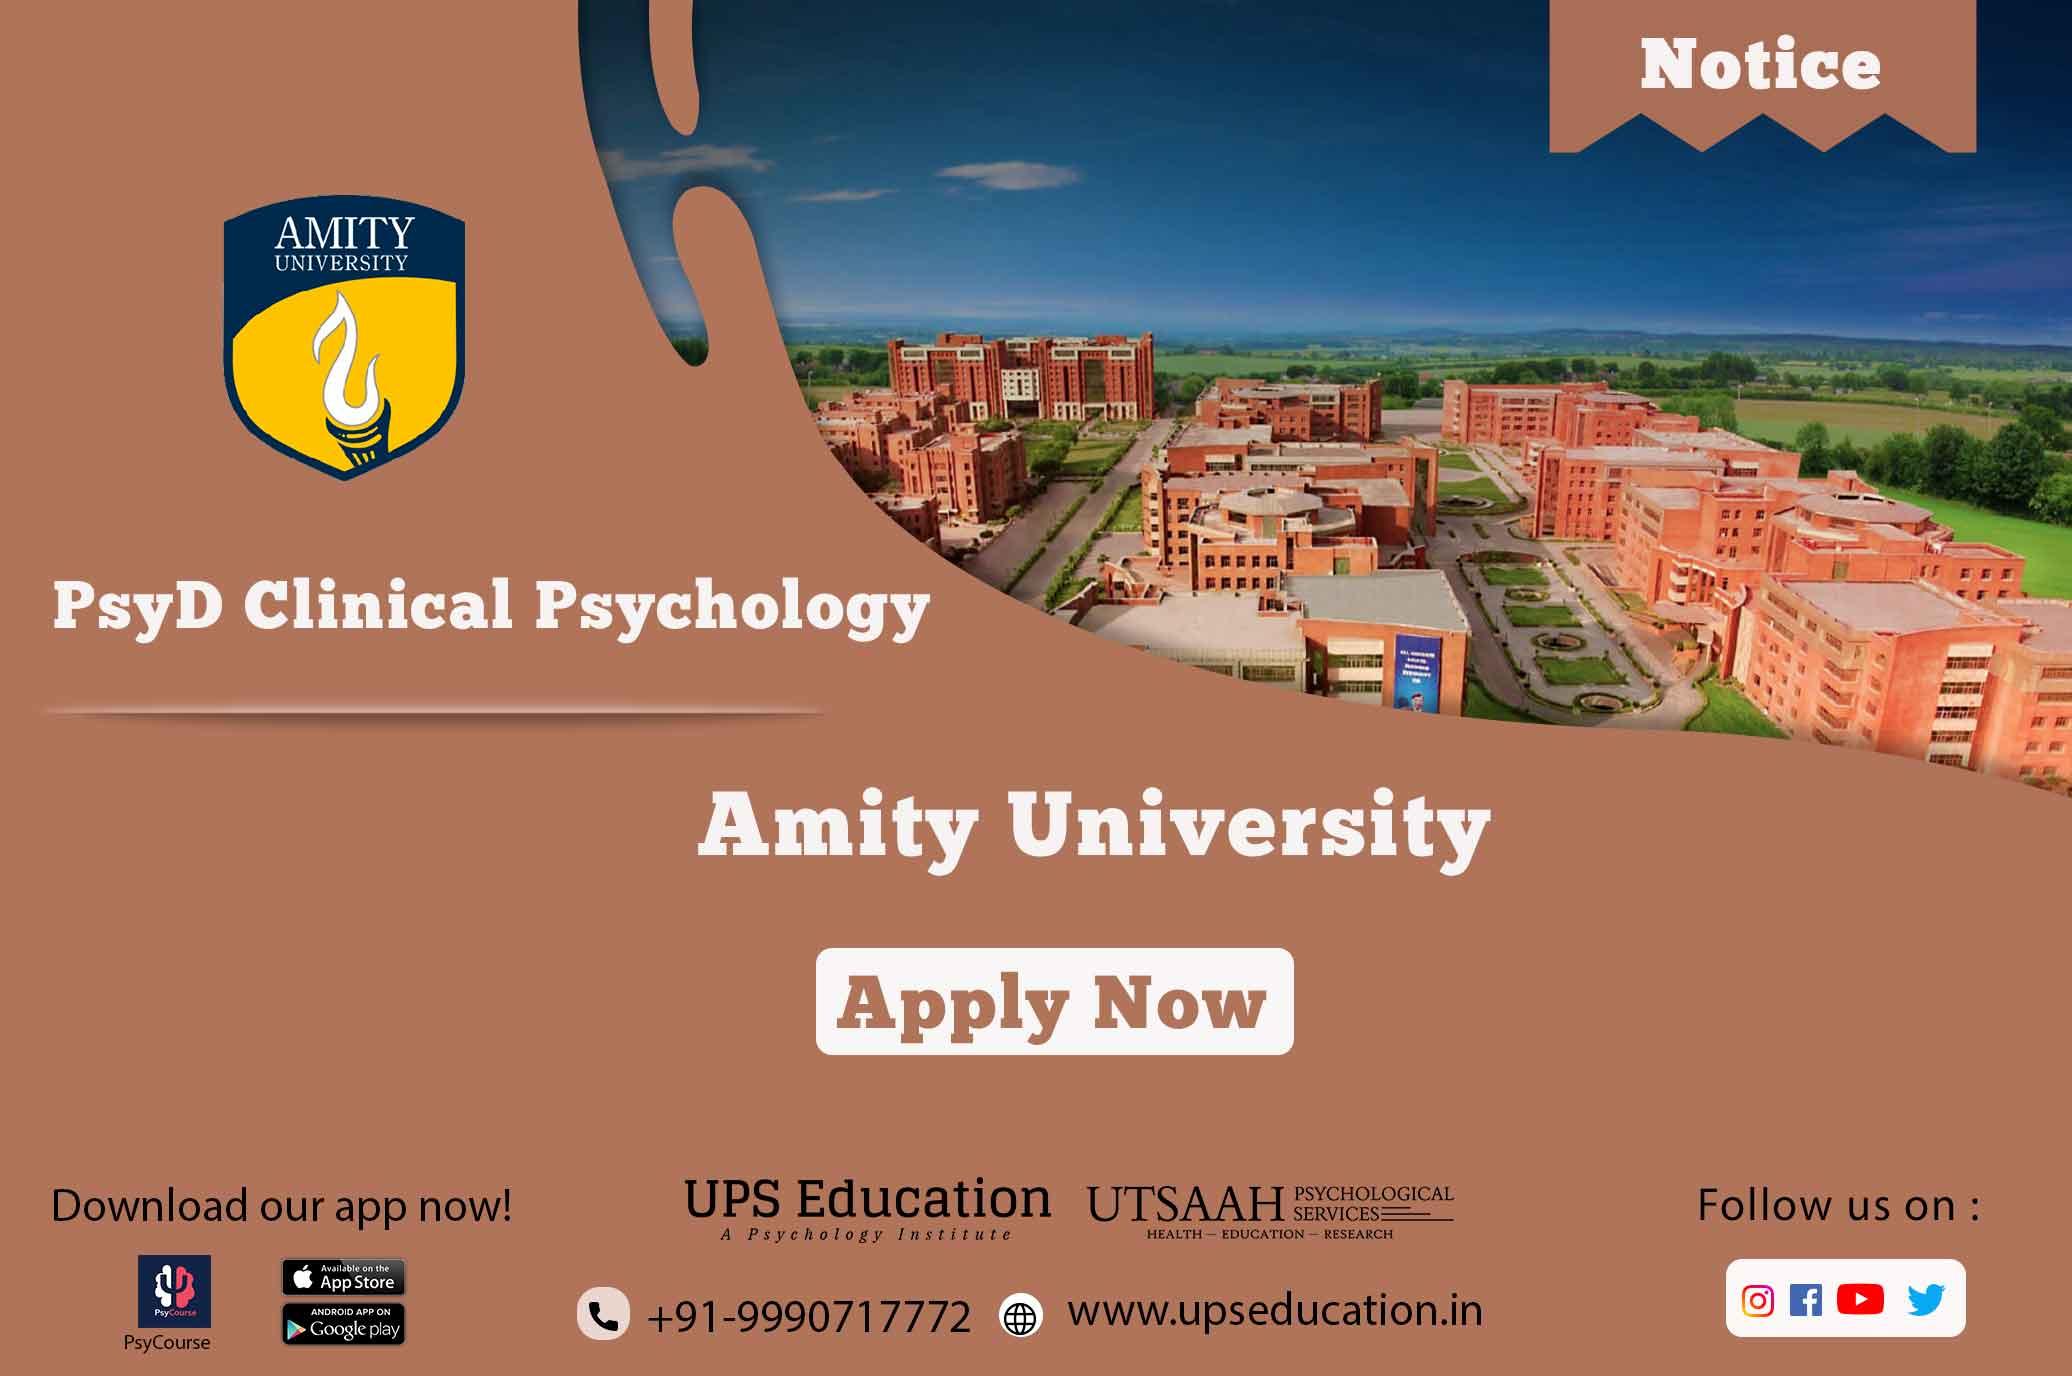 Amity university PsyD Clinical Psychology